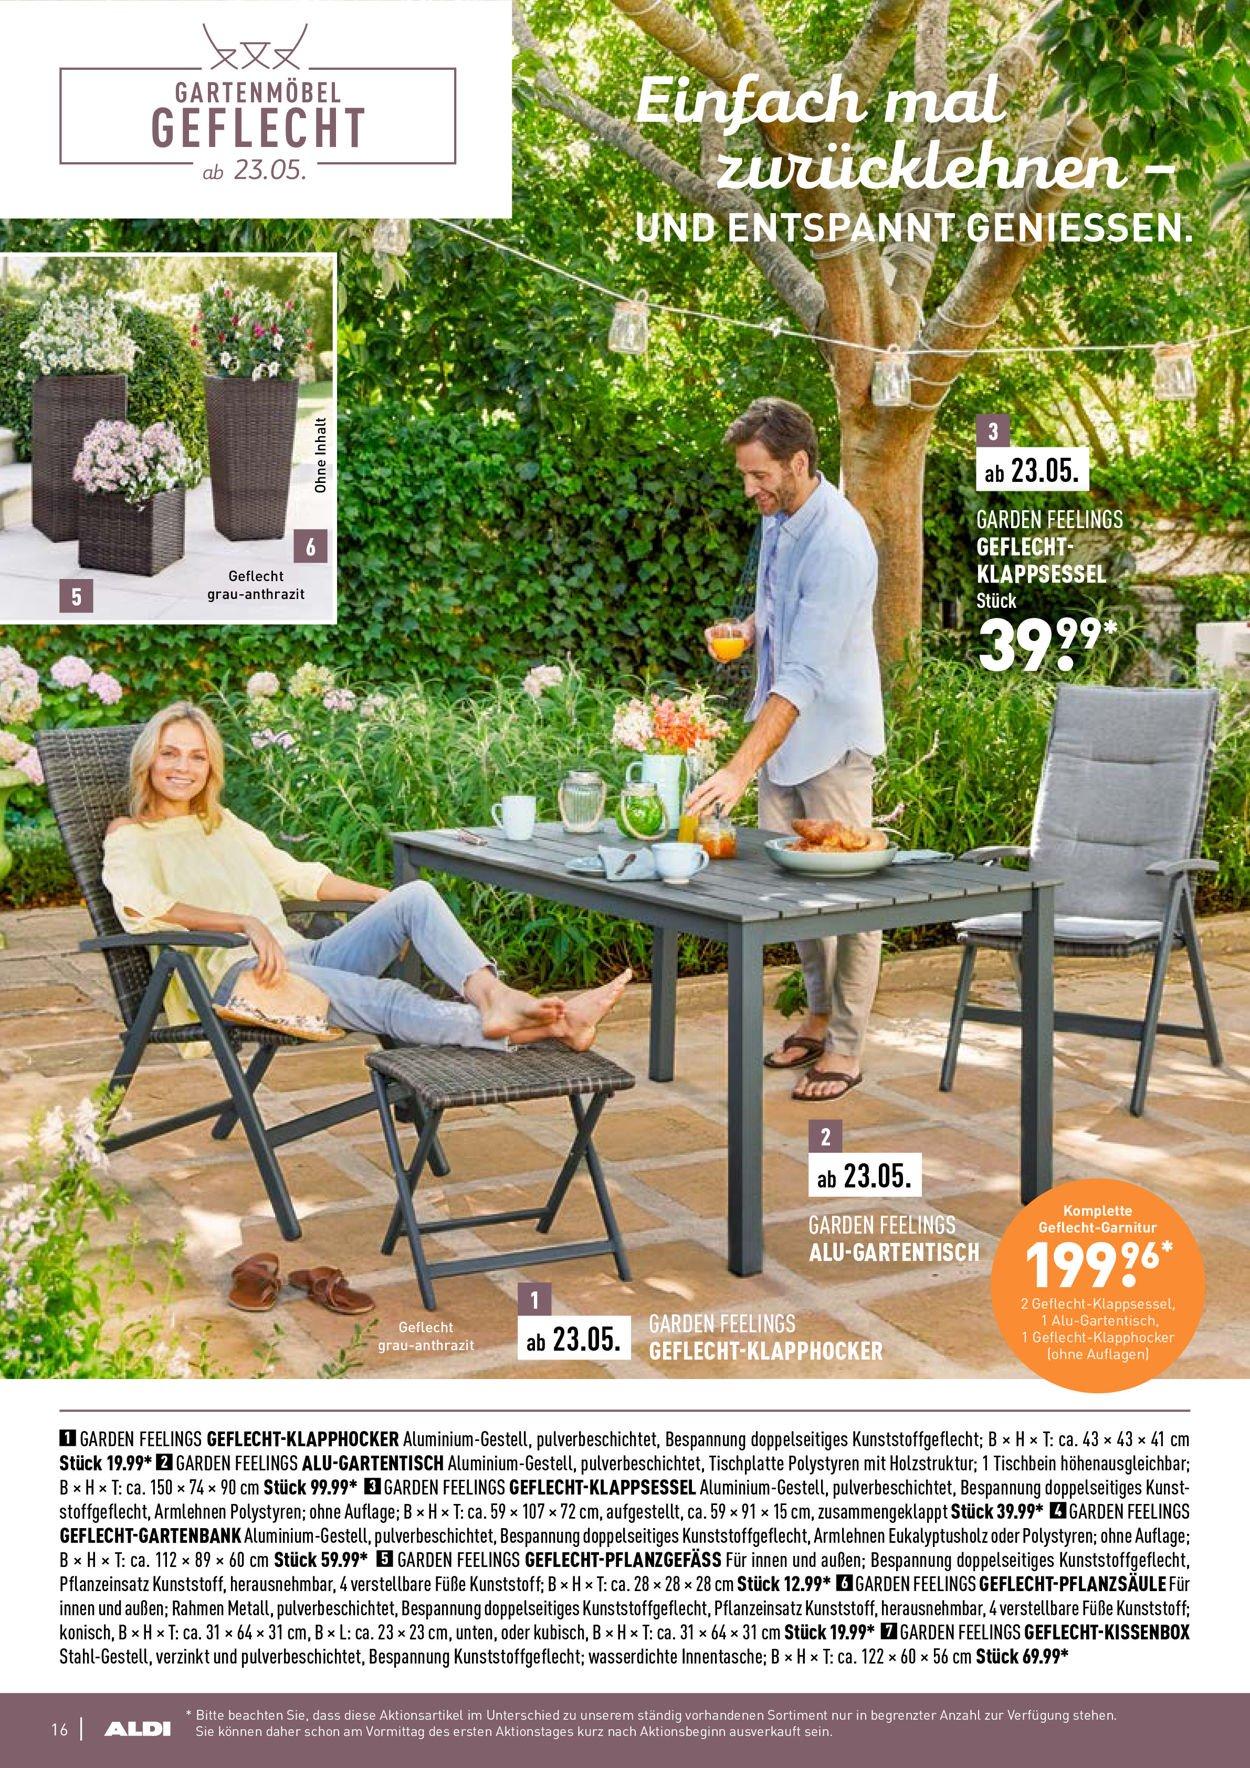 Full Size of Aldi Nord Aktueller Prospekt 2103 23052019 16 Jedewoche Relaxsessel Garten Wohnzimmer Gartentisch Aldi